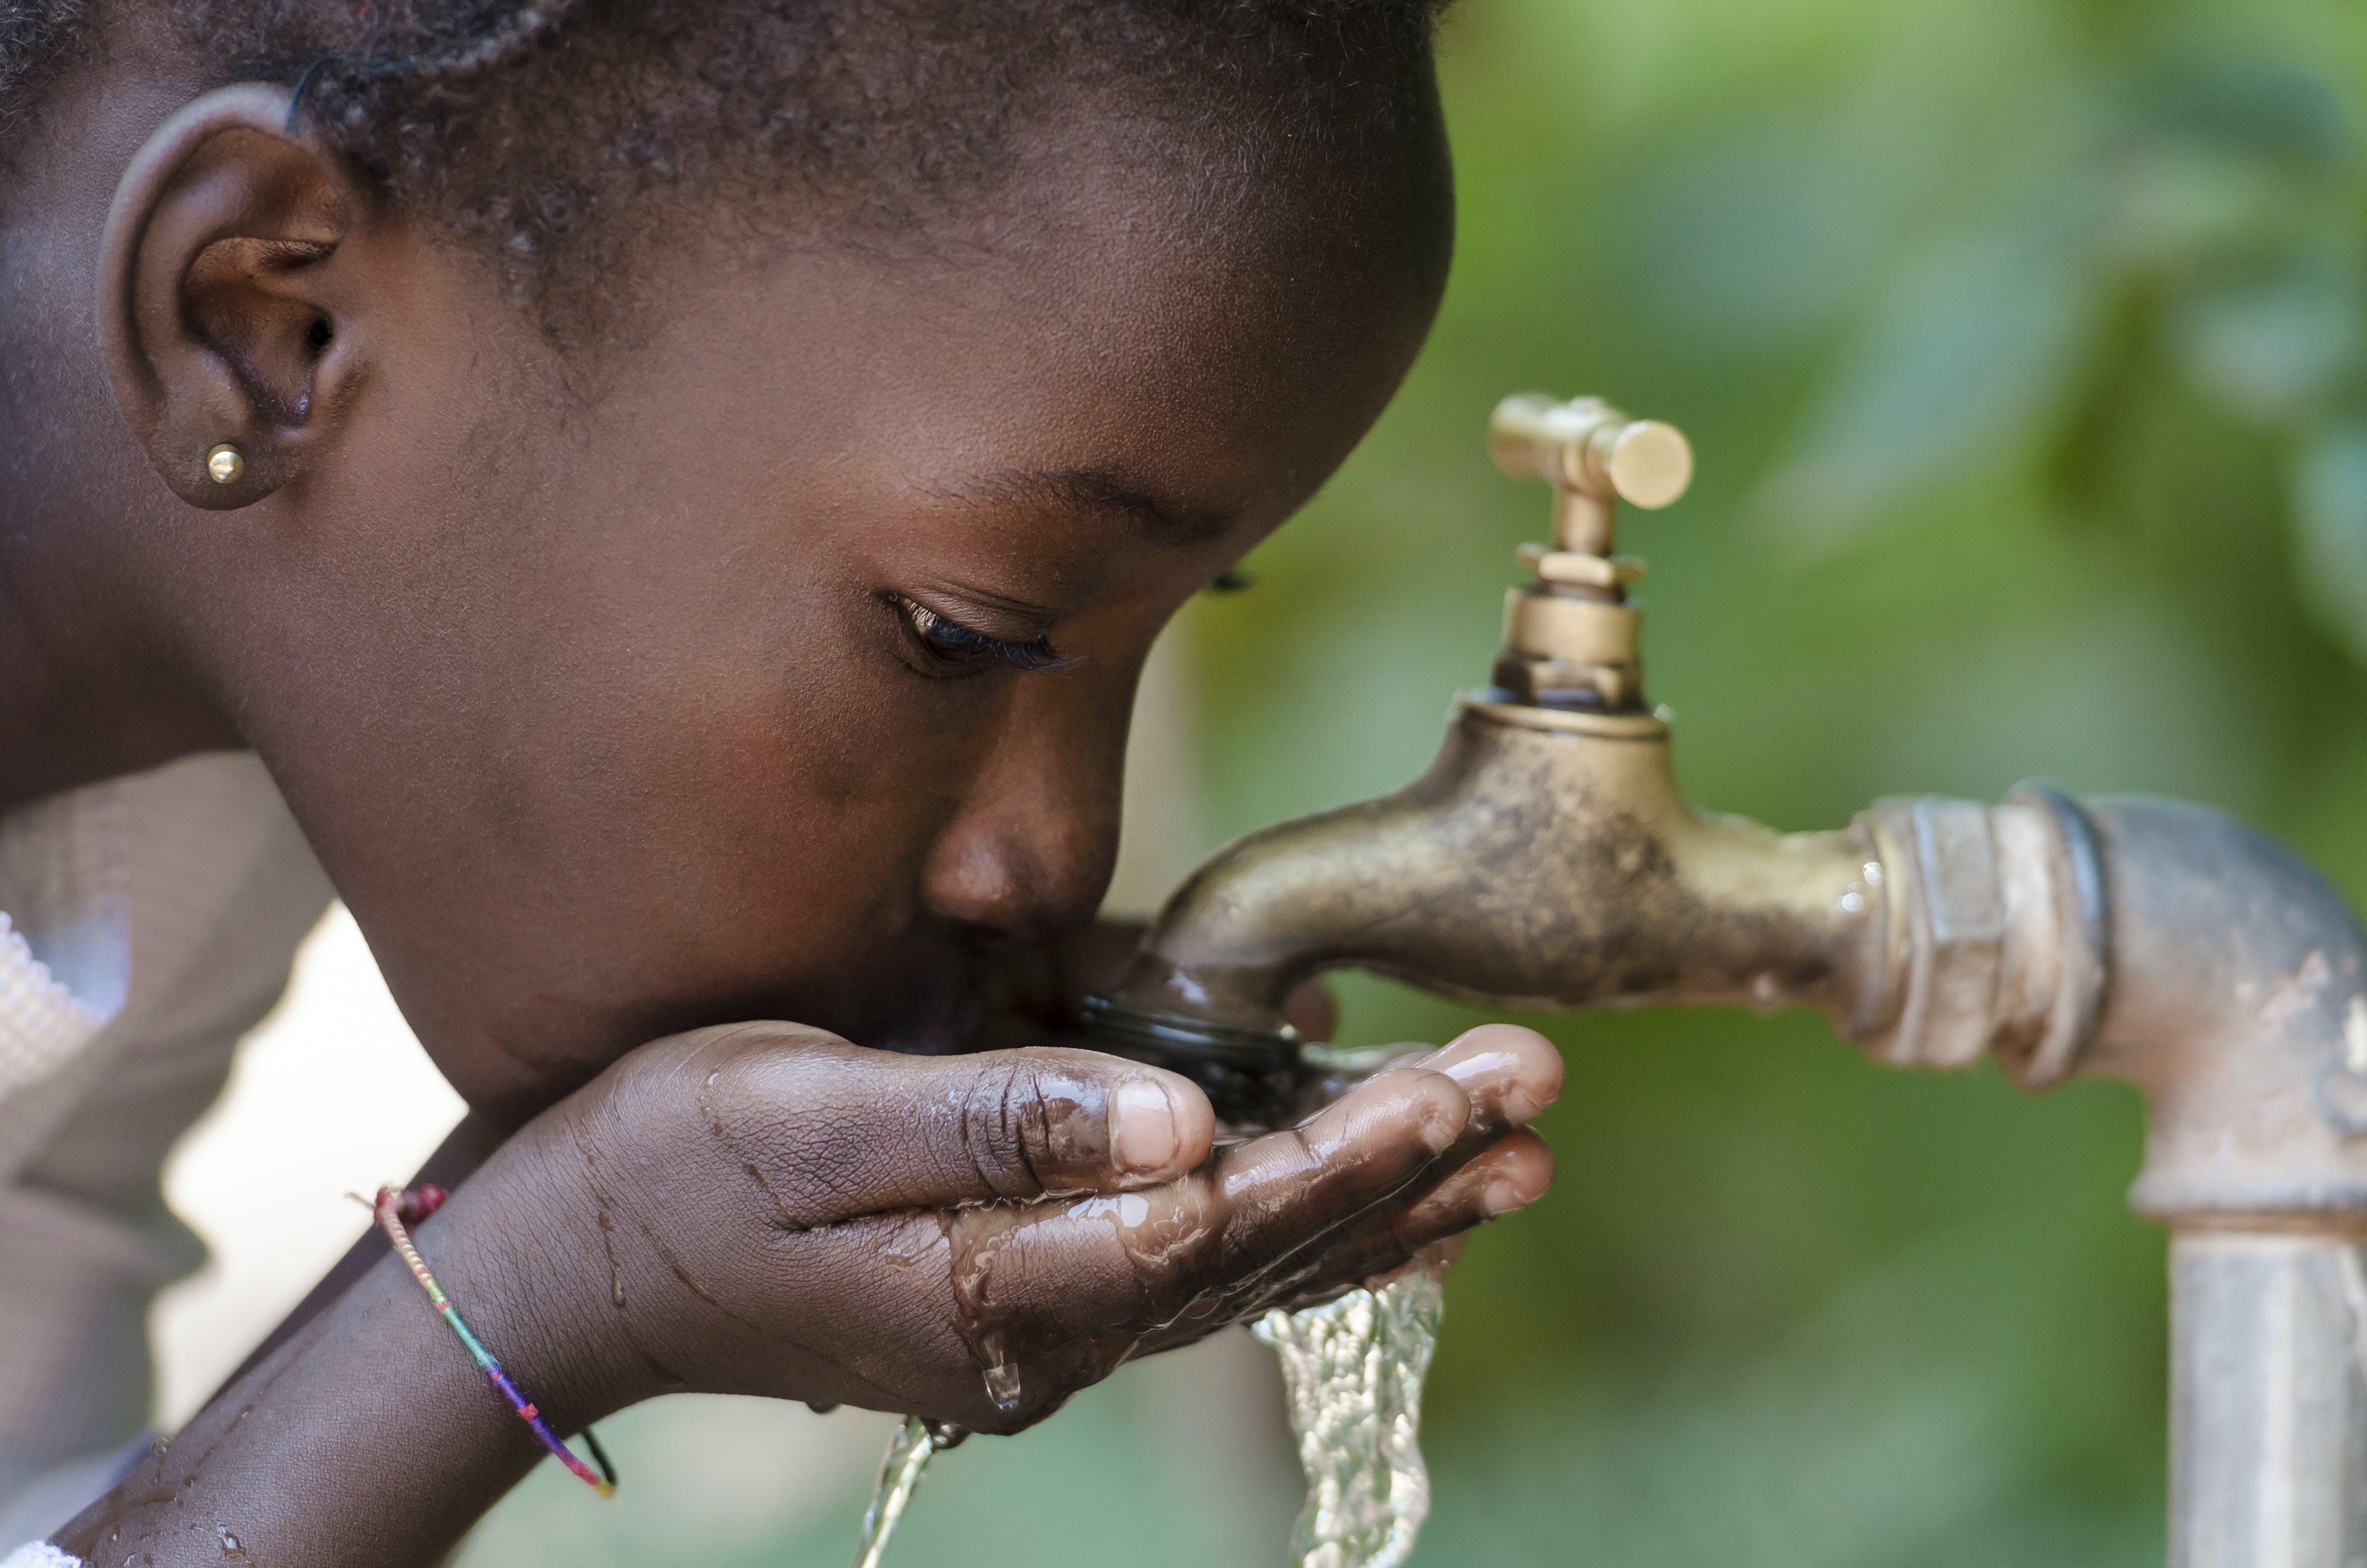 Flicka dricker vatten